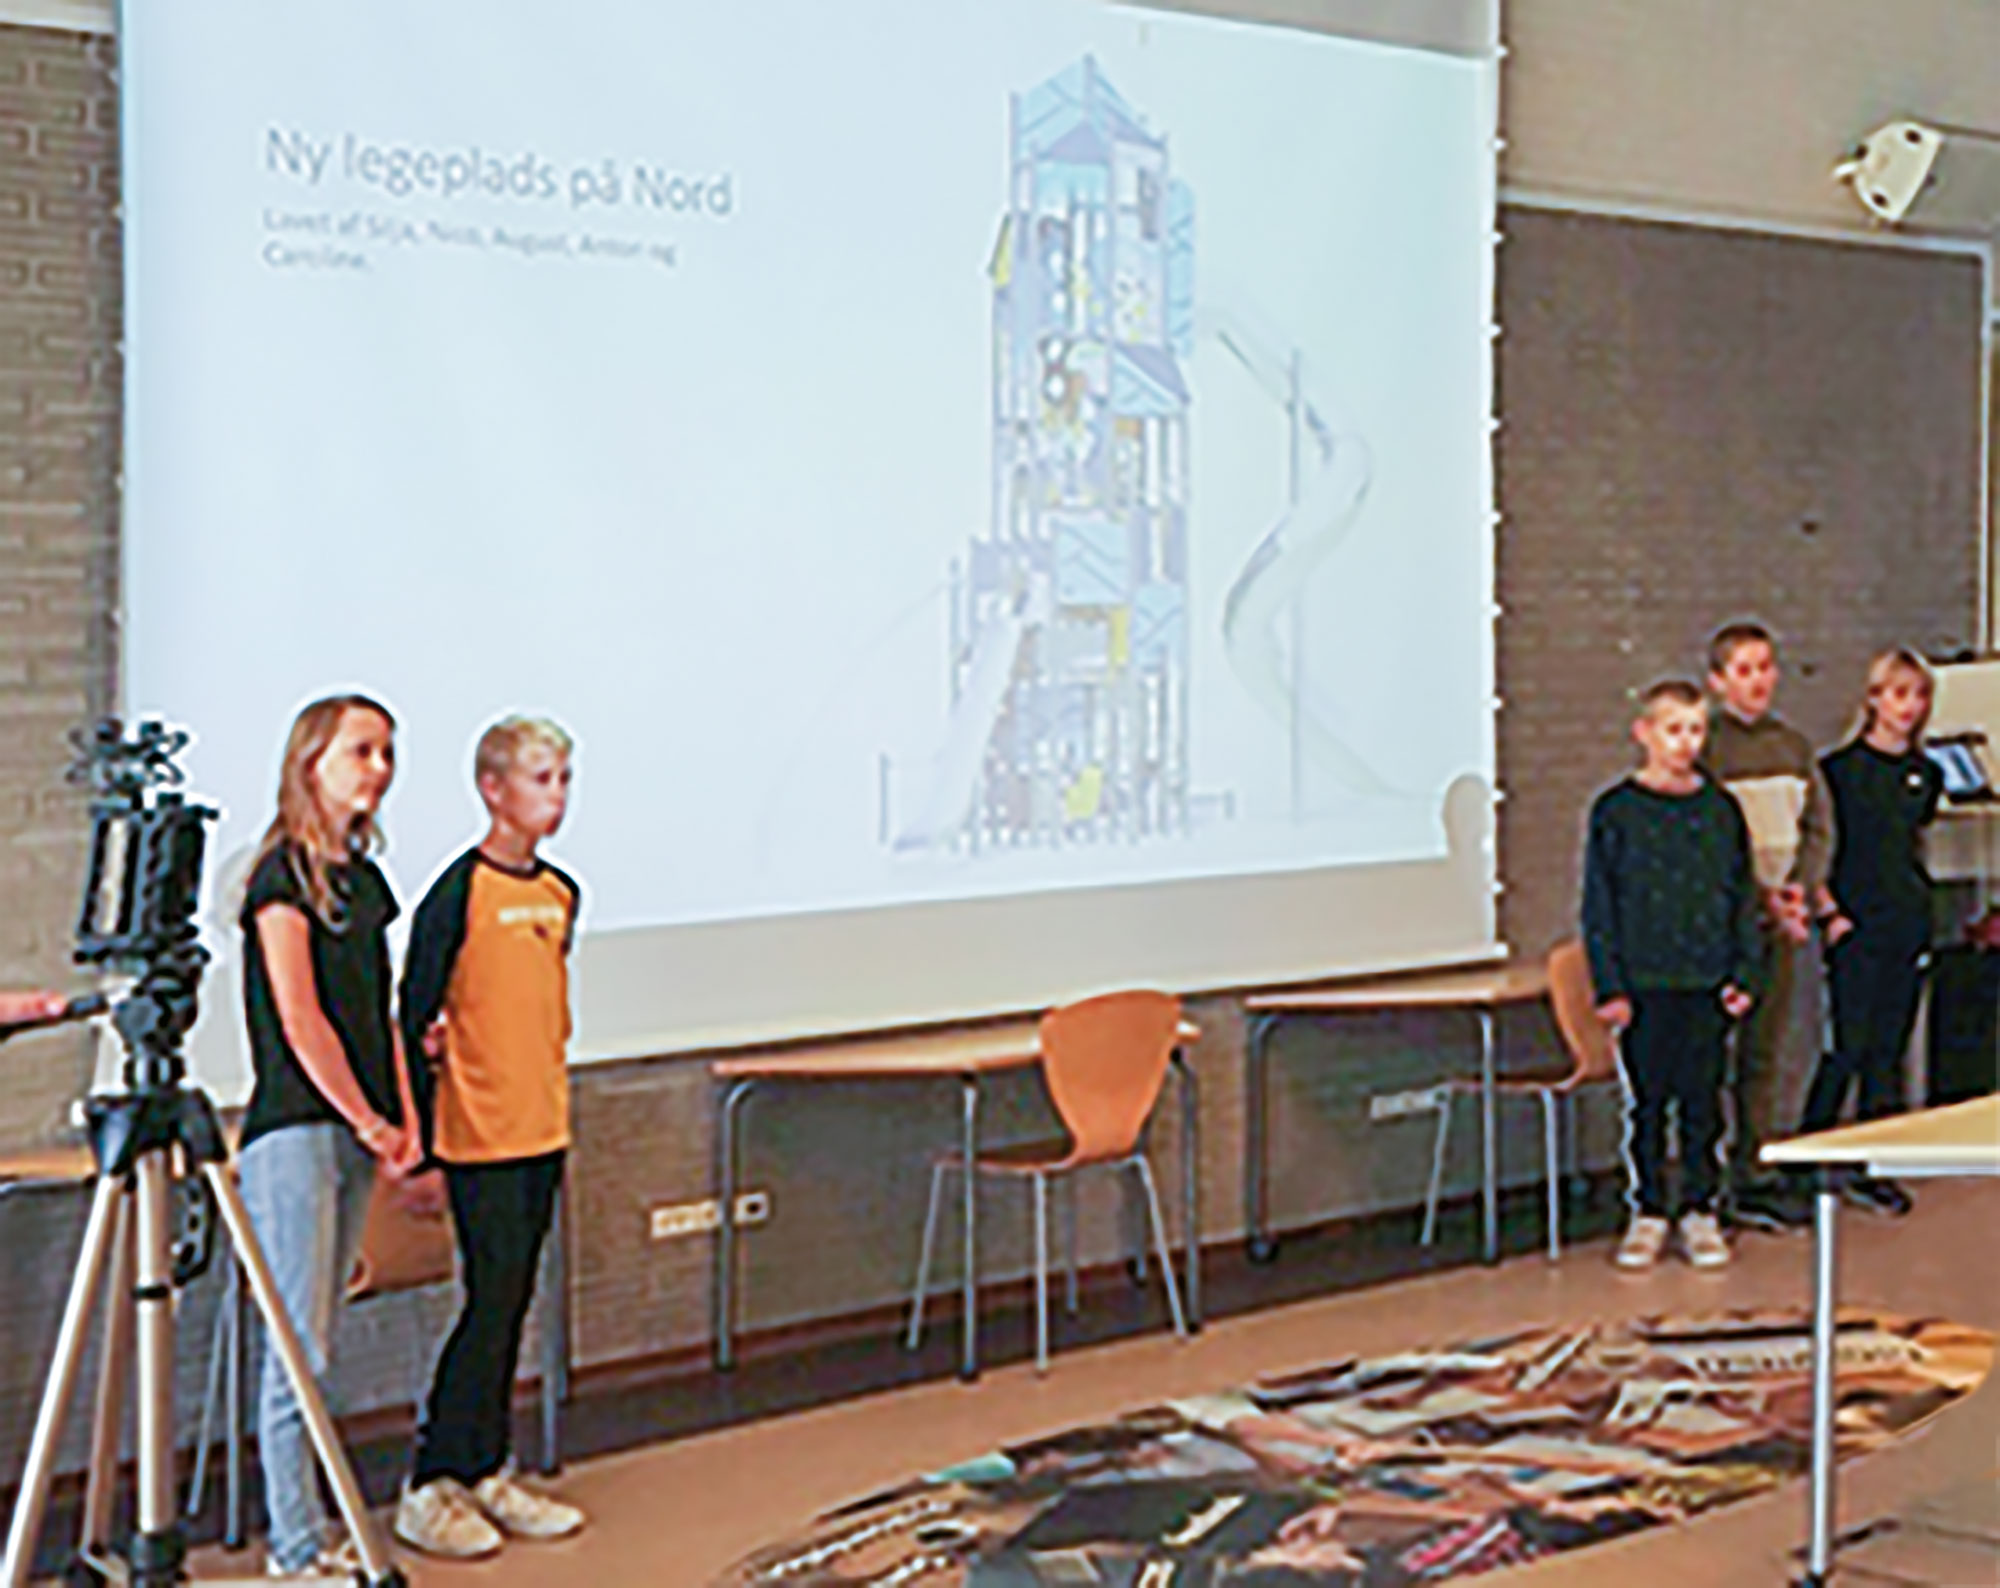 2.-pladsen gik til 6.D fra Nordstrandskolen.